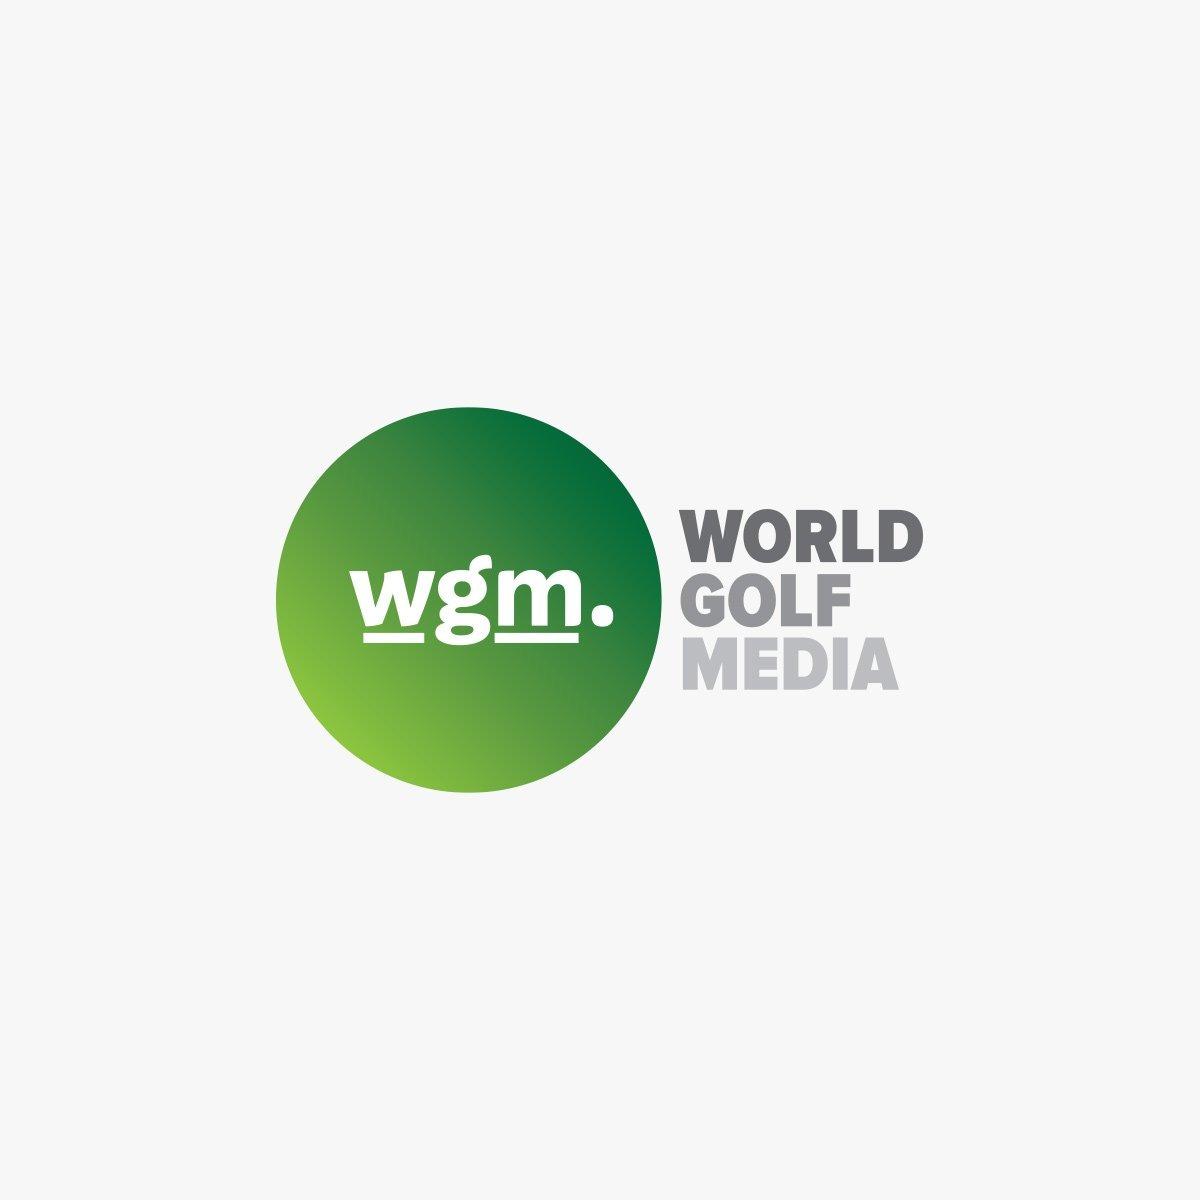 World Golf Media